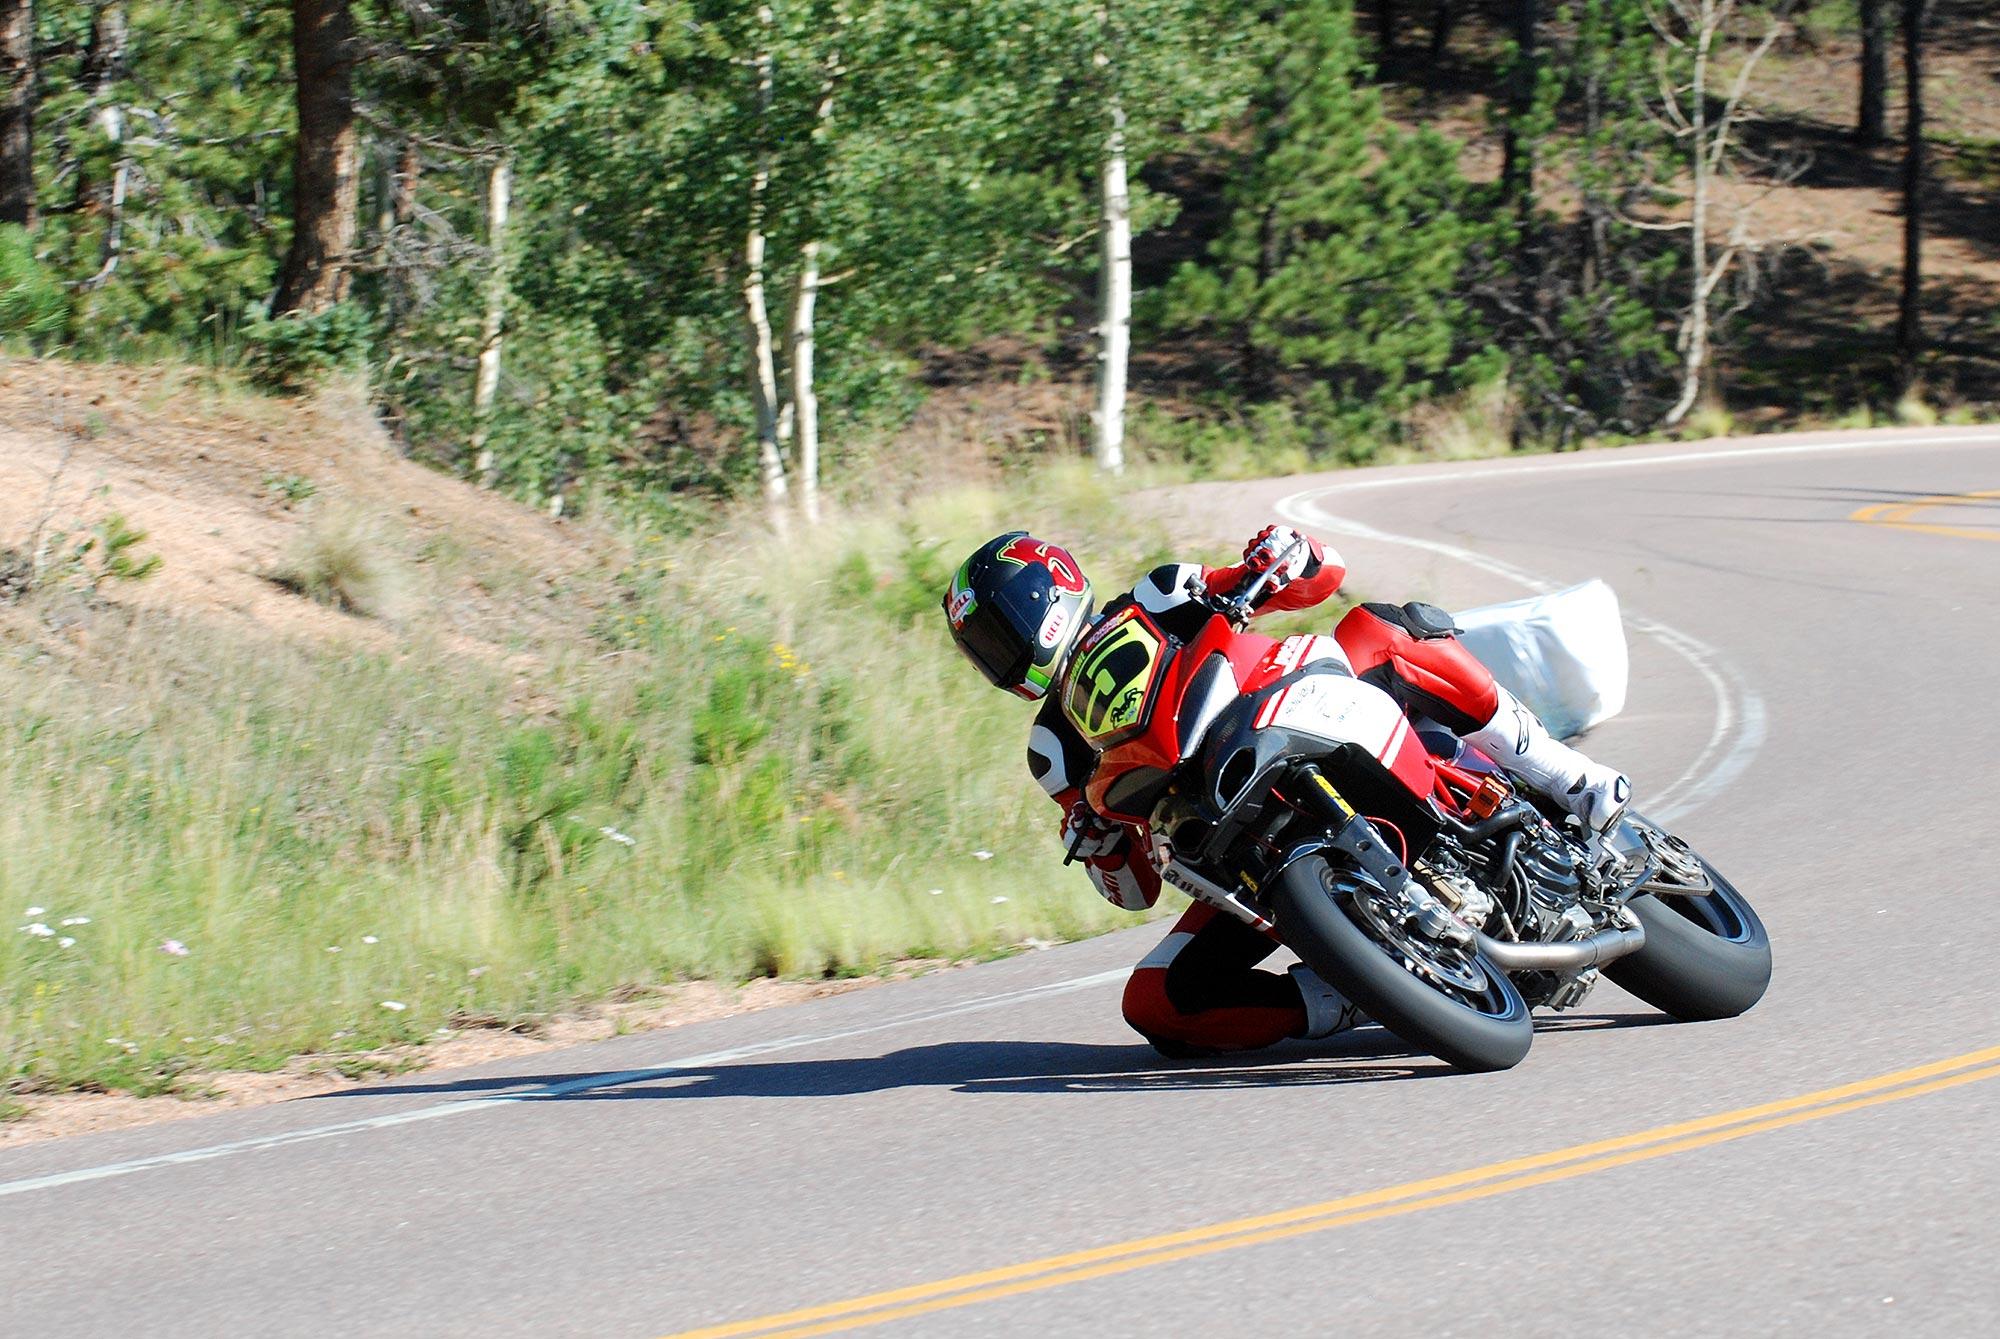 Carlin-Dunne-Ducati-Spider-Grips-Pikes-Peak.jpg